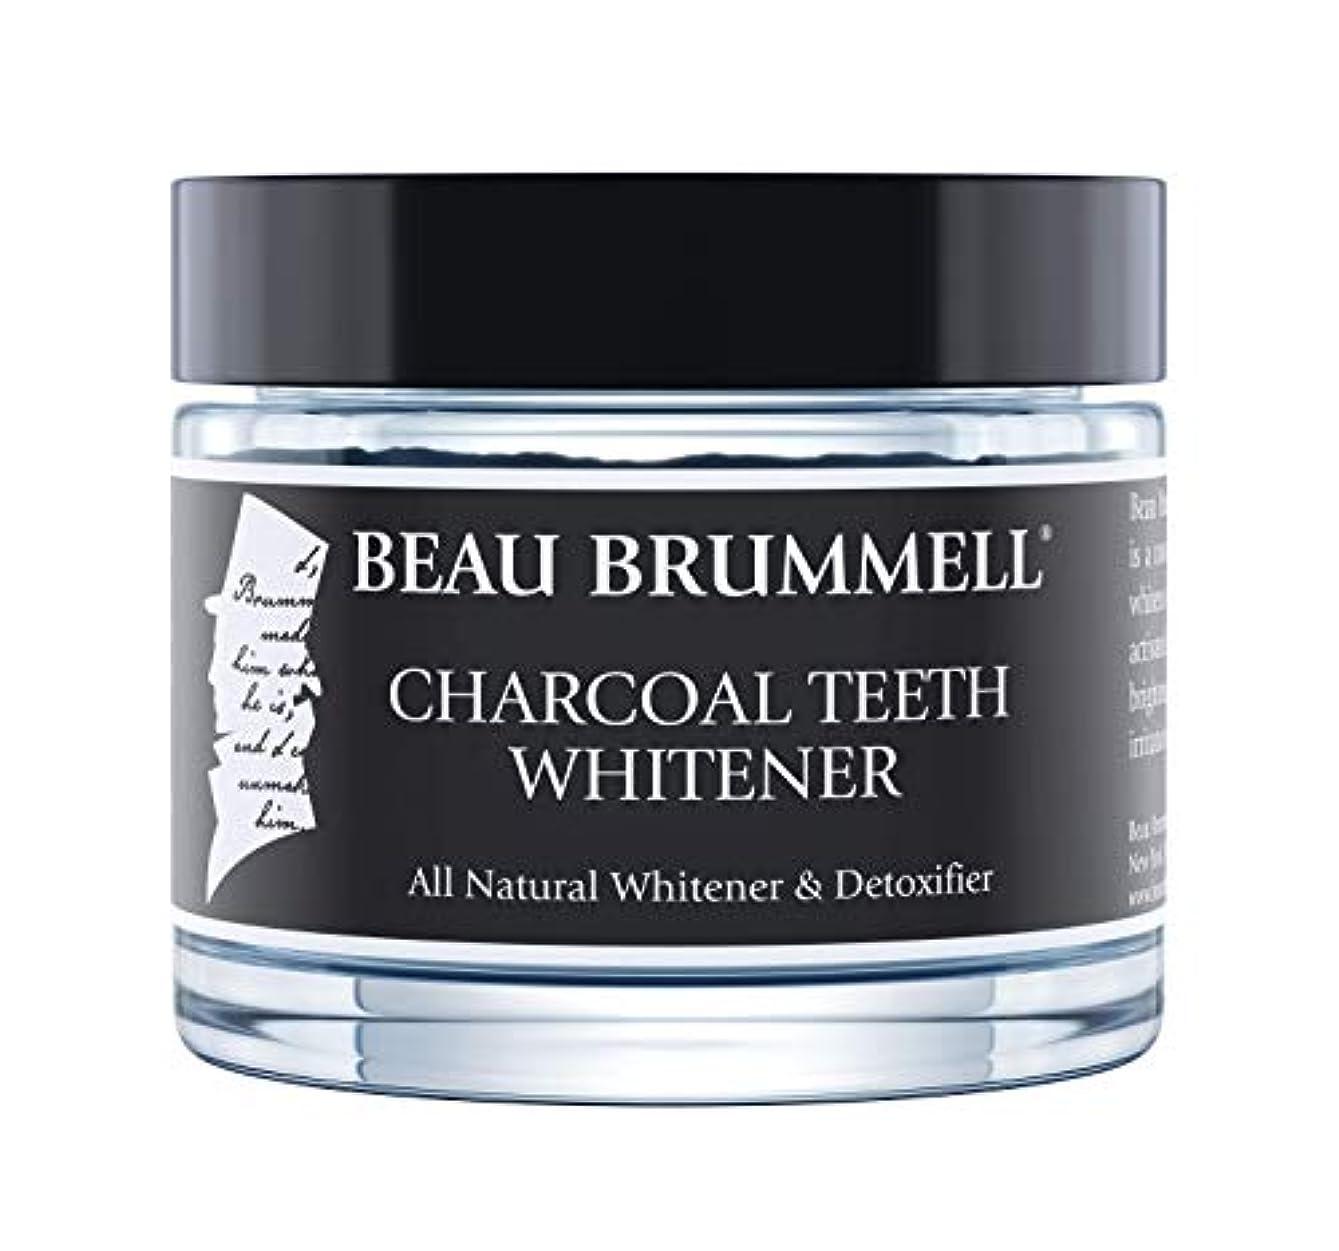 反抗に負けるミリメートルBeau Brummell チャコール歯ナーナチュラル炭オーガニックココナッツ炭グレードホワイトニングパウダーを活性化